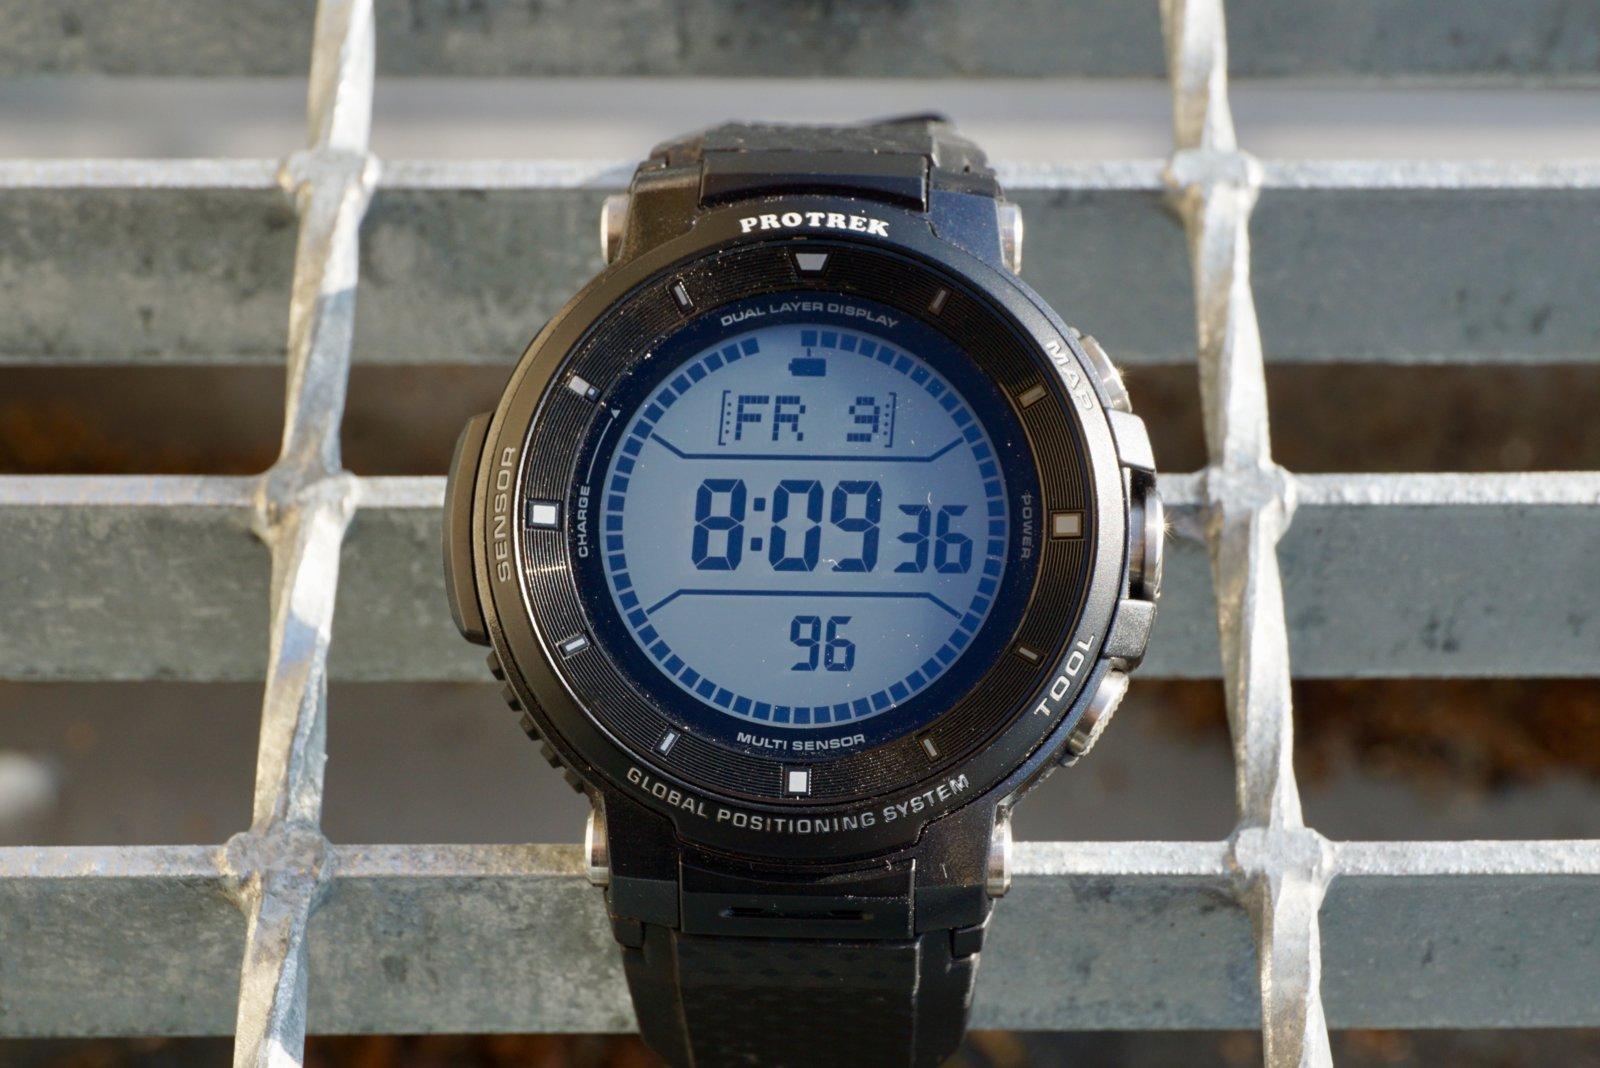 D6F8E1A3-F9E2-4B3C-8F6A-8FBE5A197327.